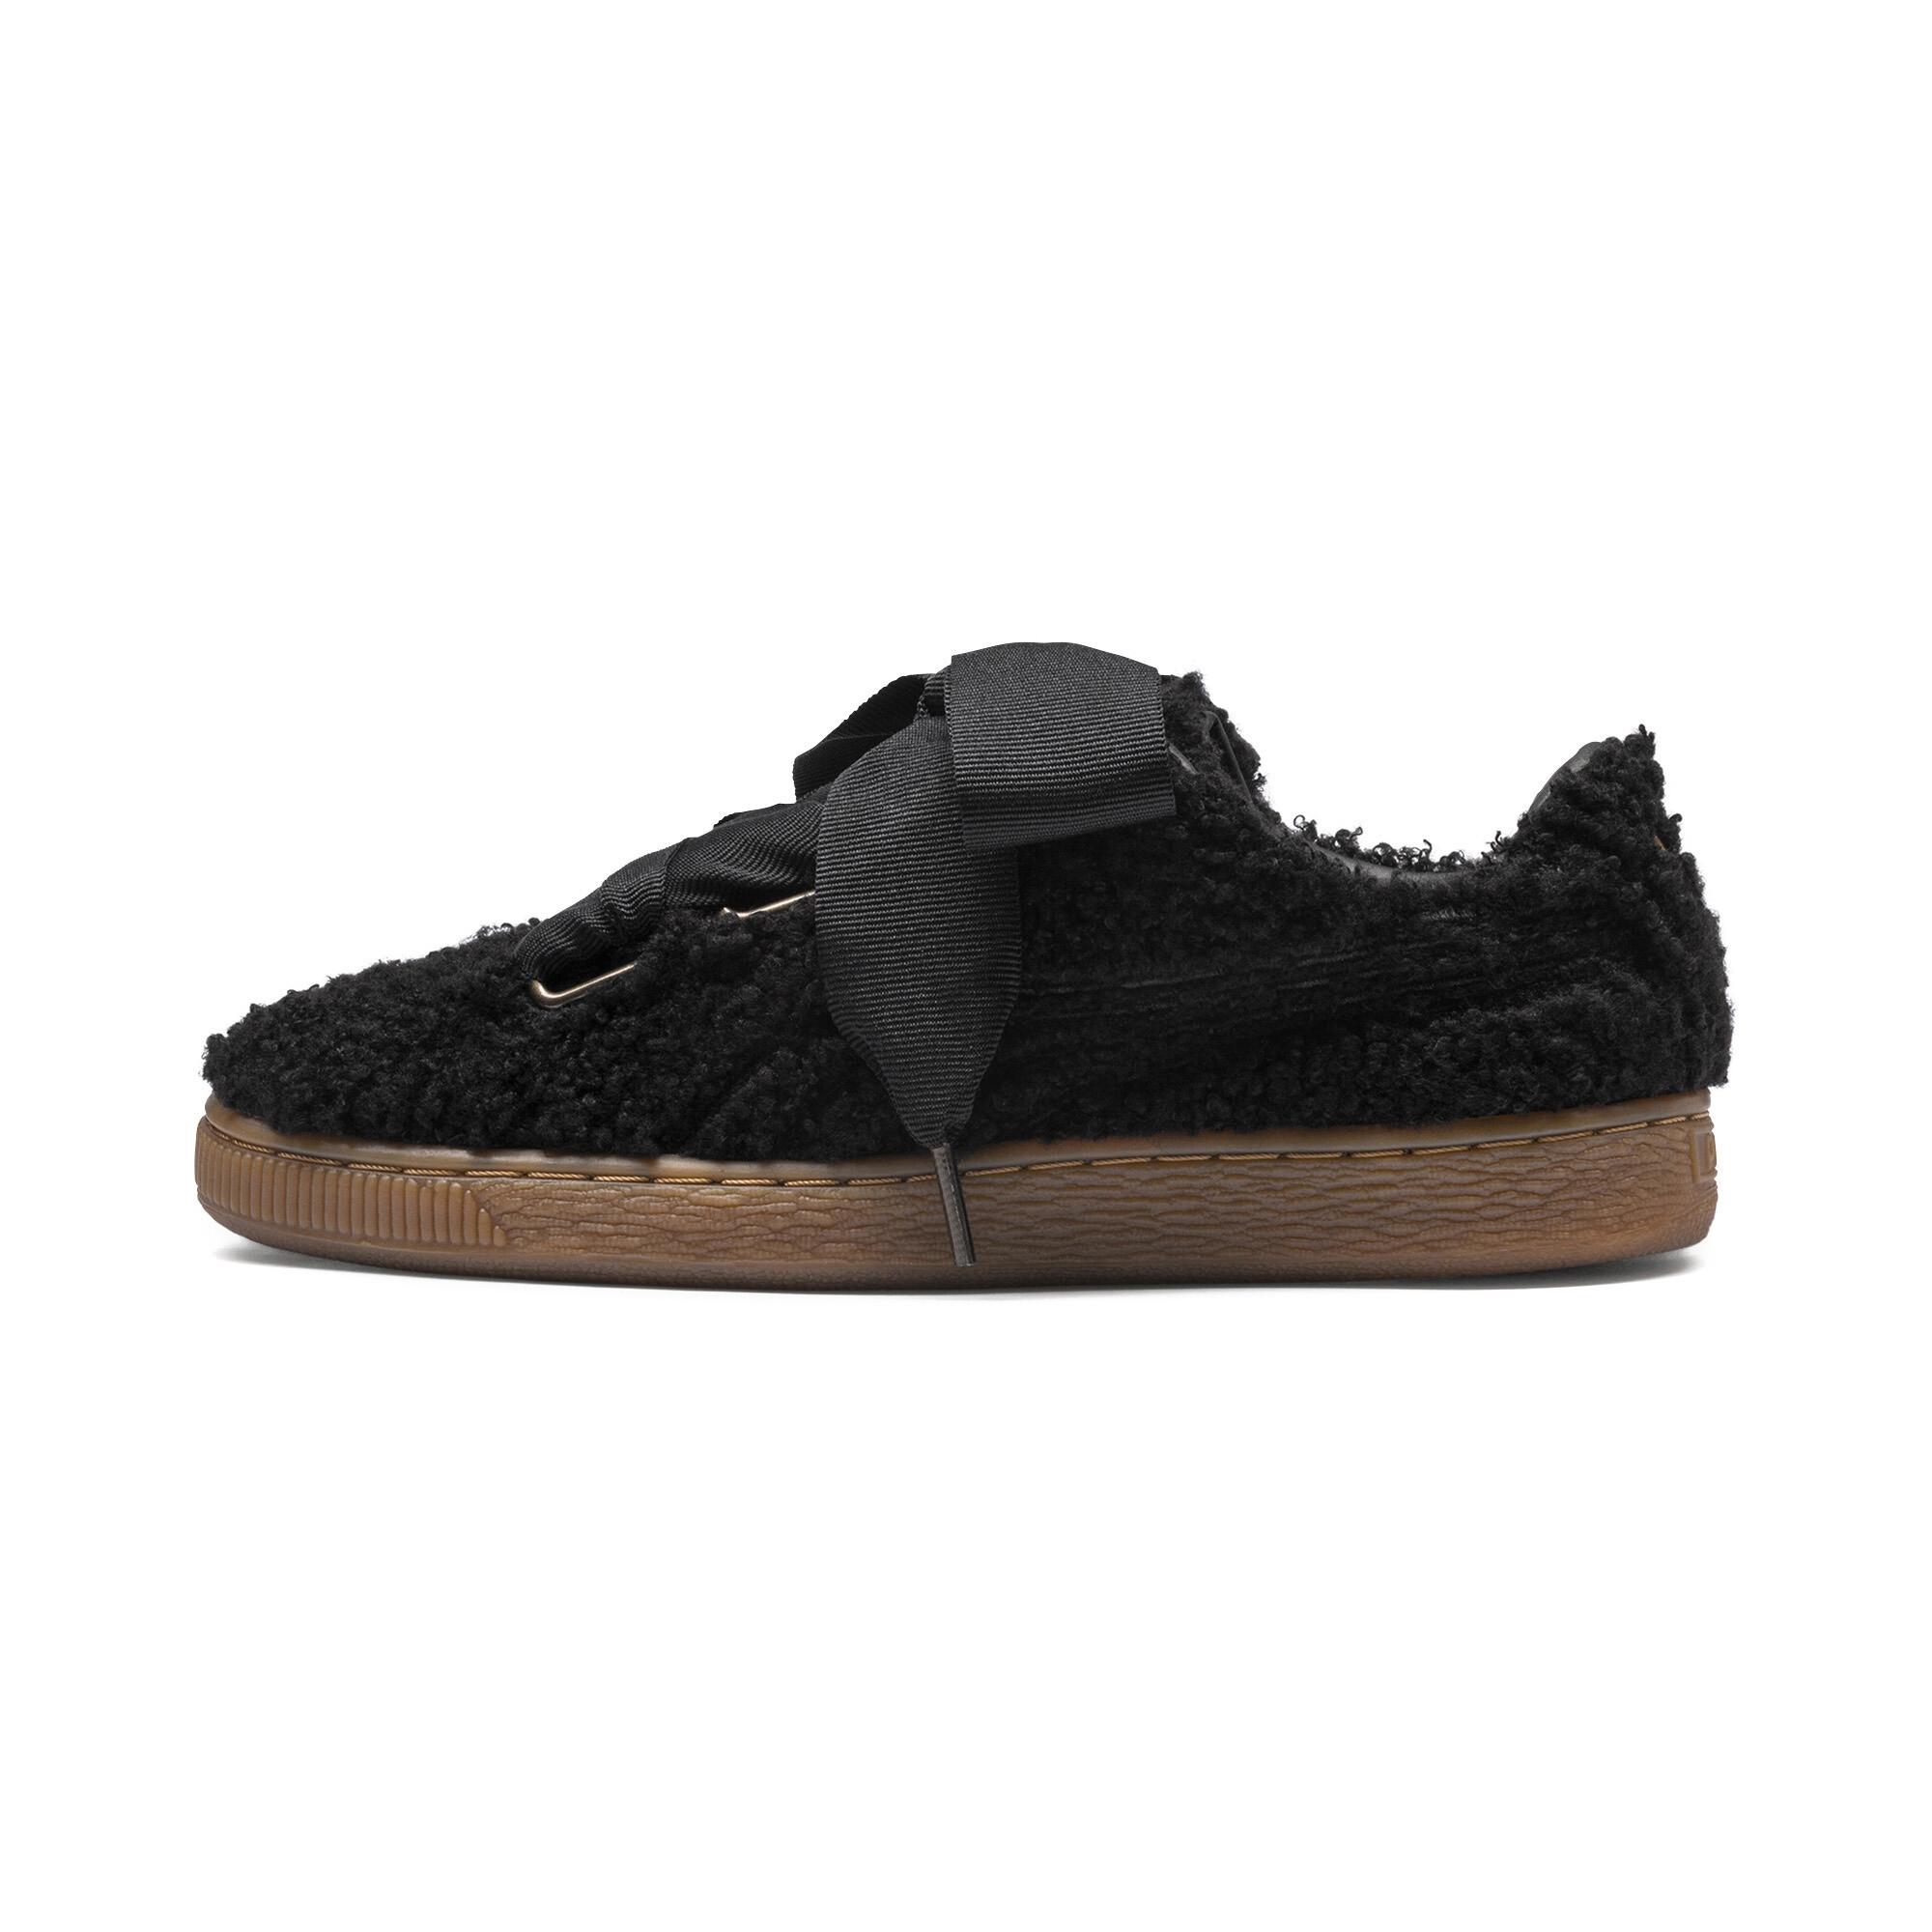 PUMA-Basket-Heart-Teddy-Women-s-Sneakers-Women-Shoe thumbnail 10